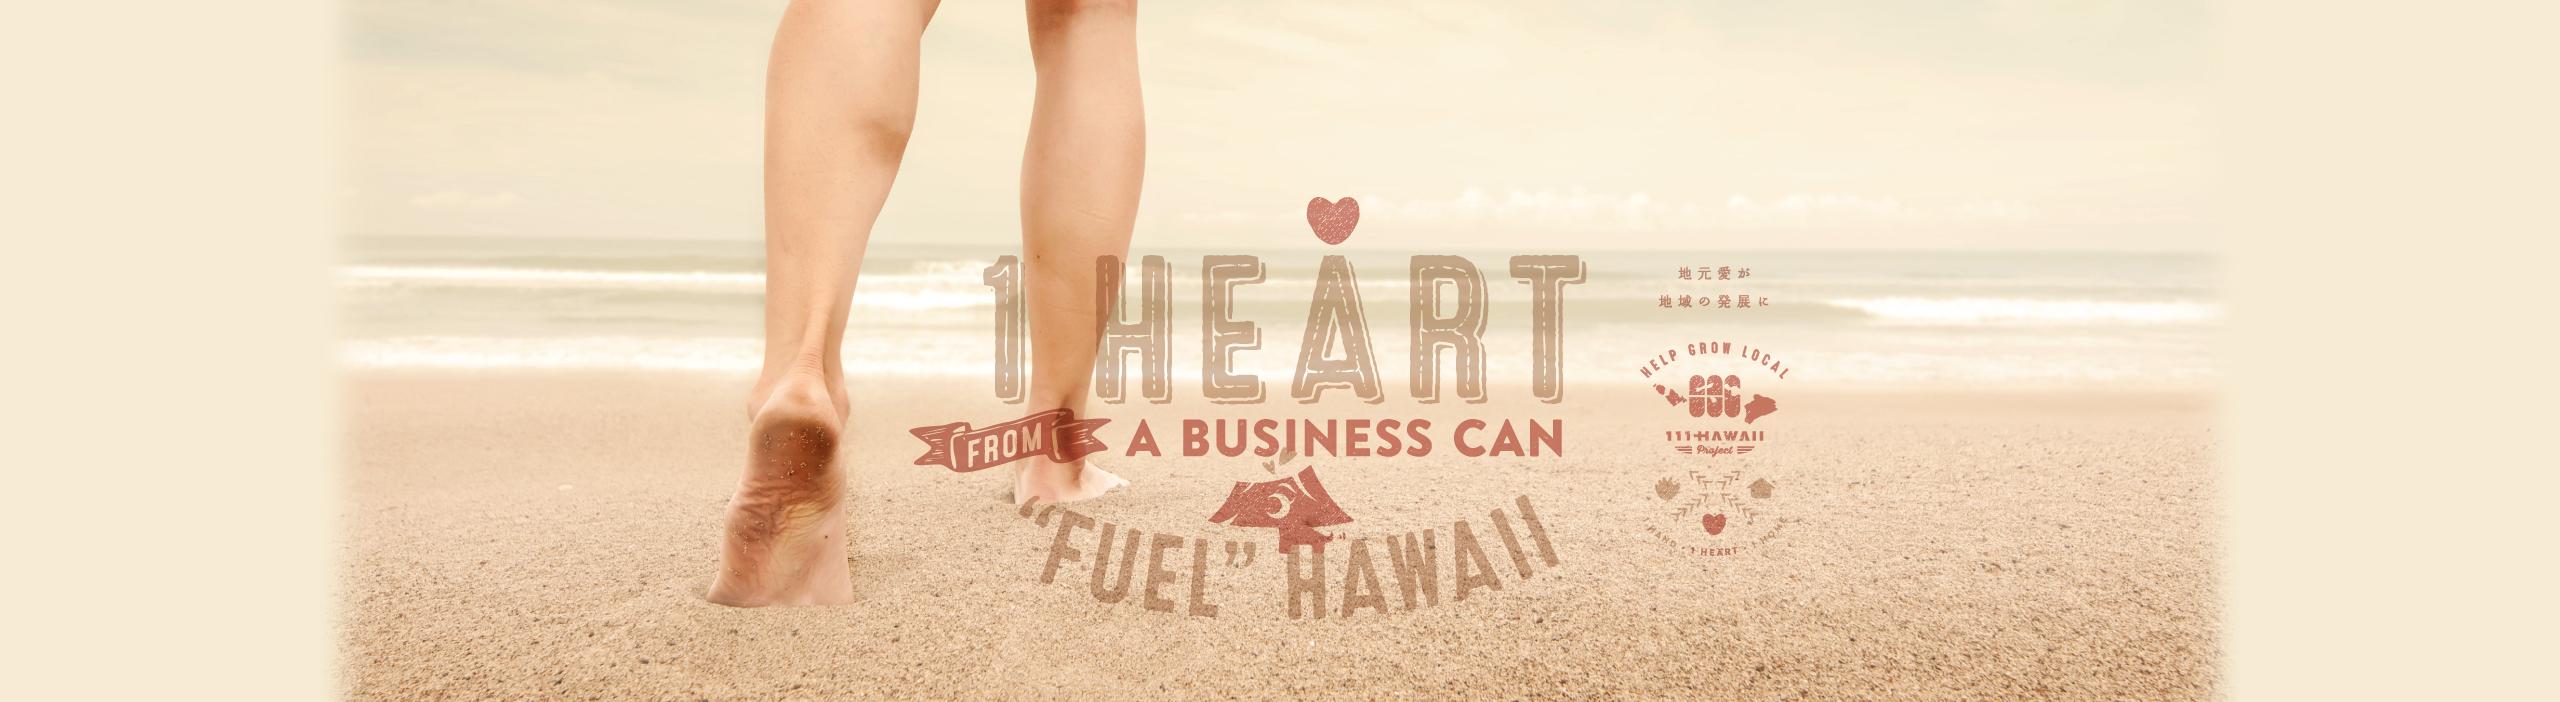 ハワイ産商品への地元愛が地域の発展に